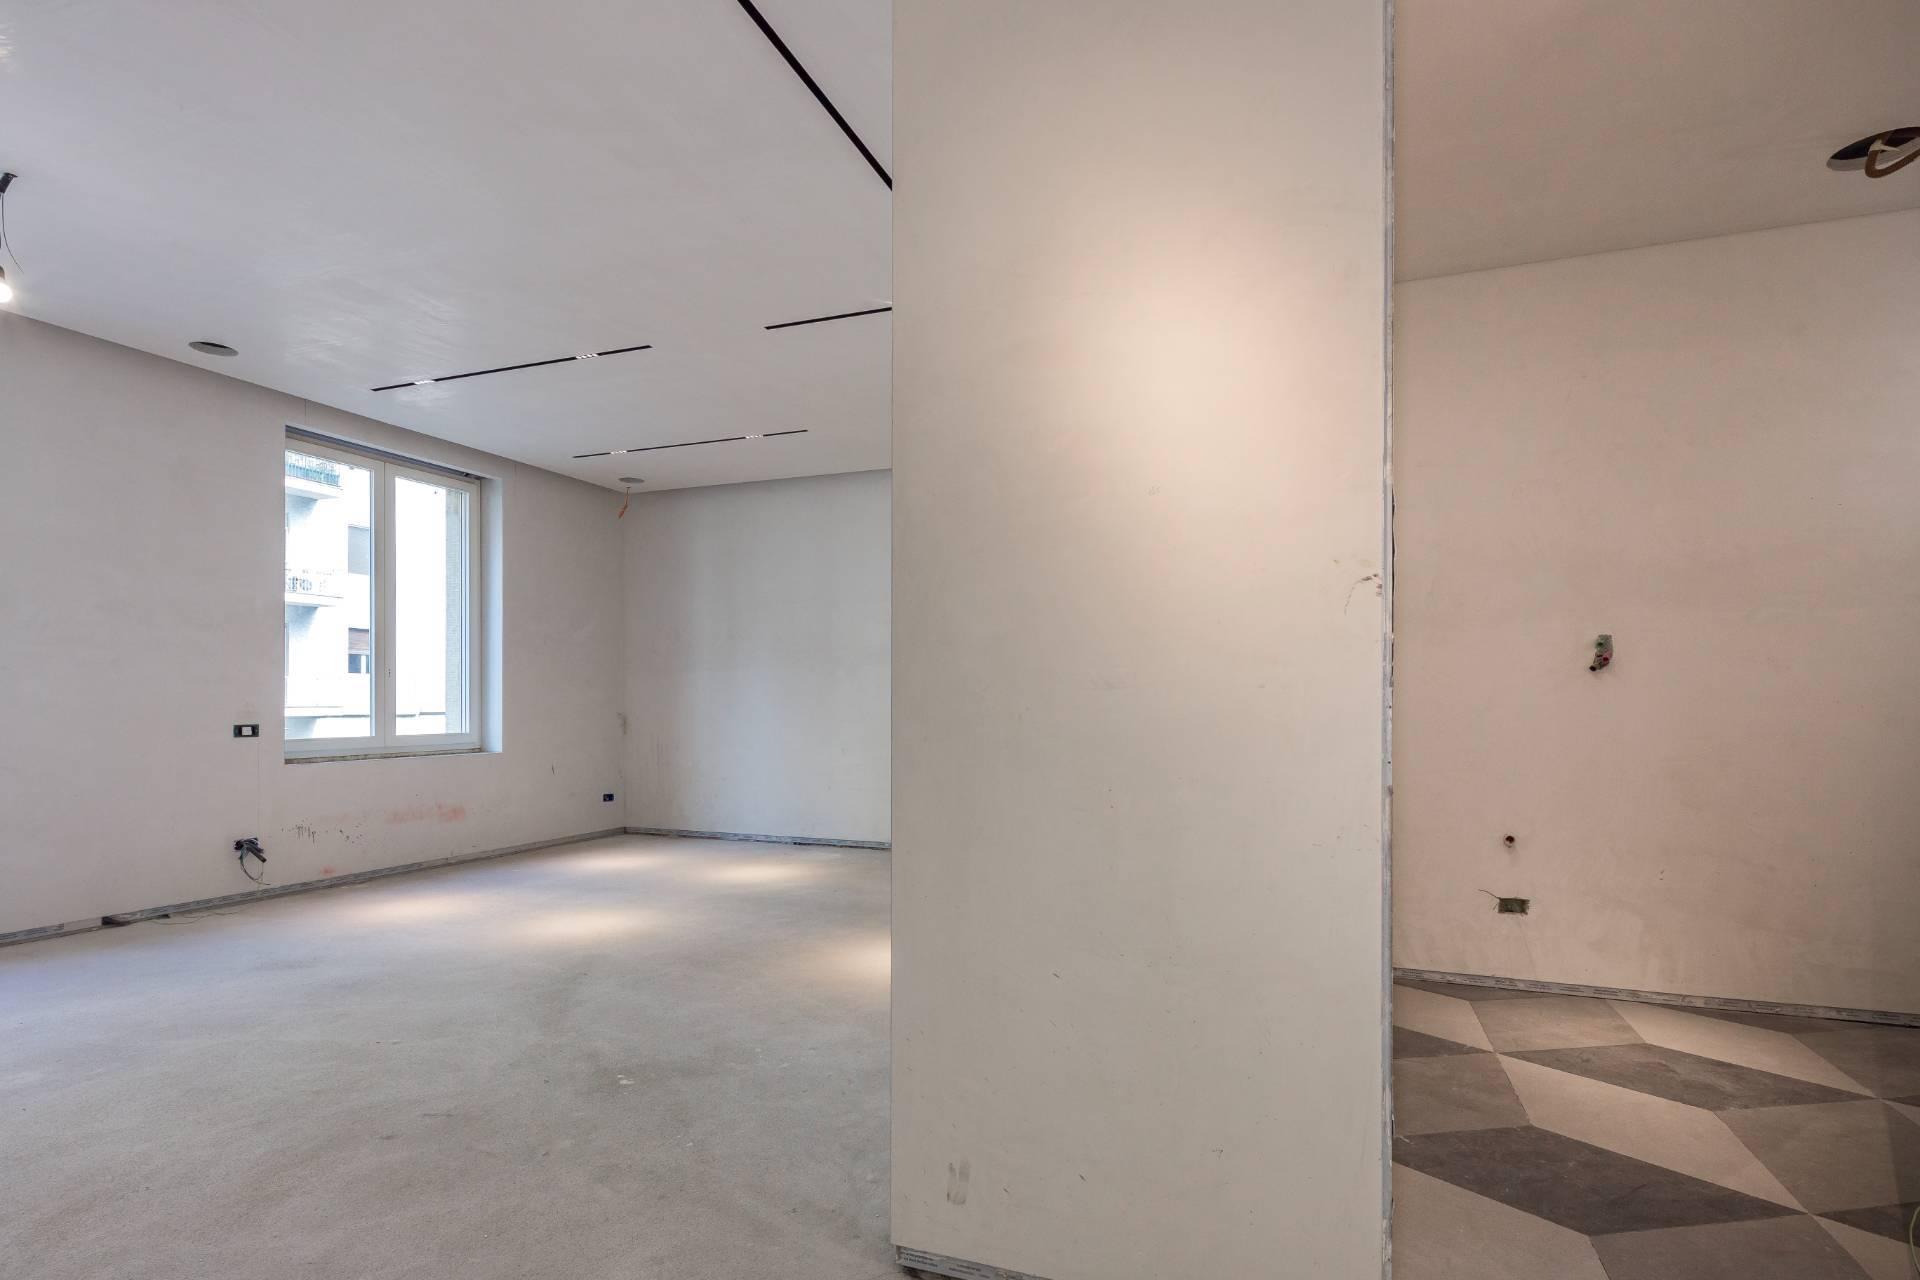 Appartamento signorile in Via Mascagni - 11